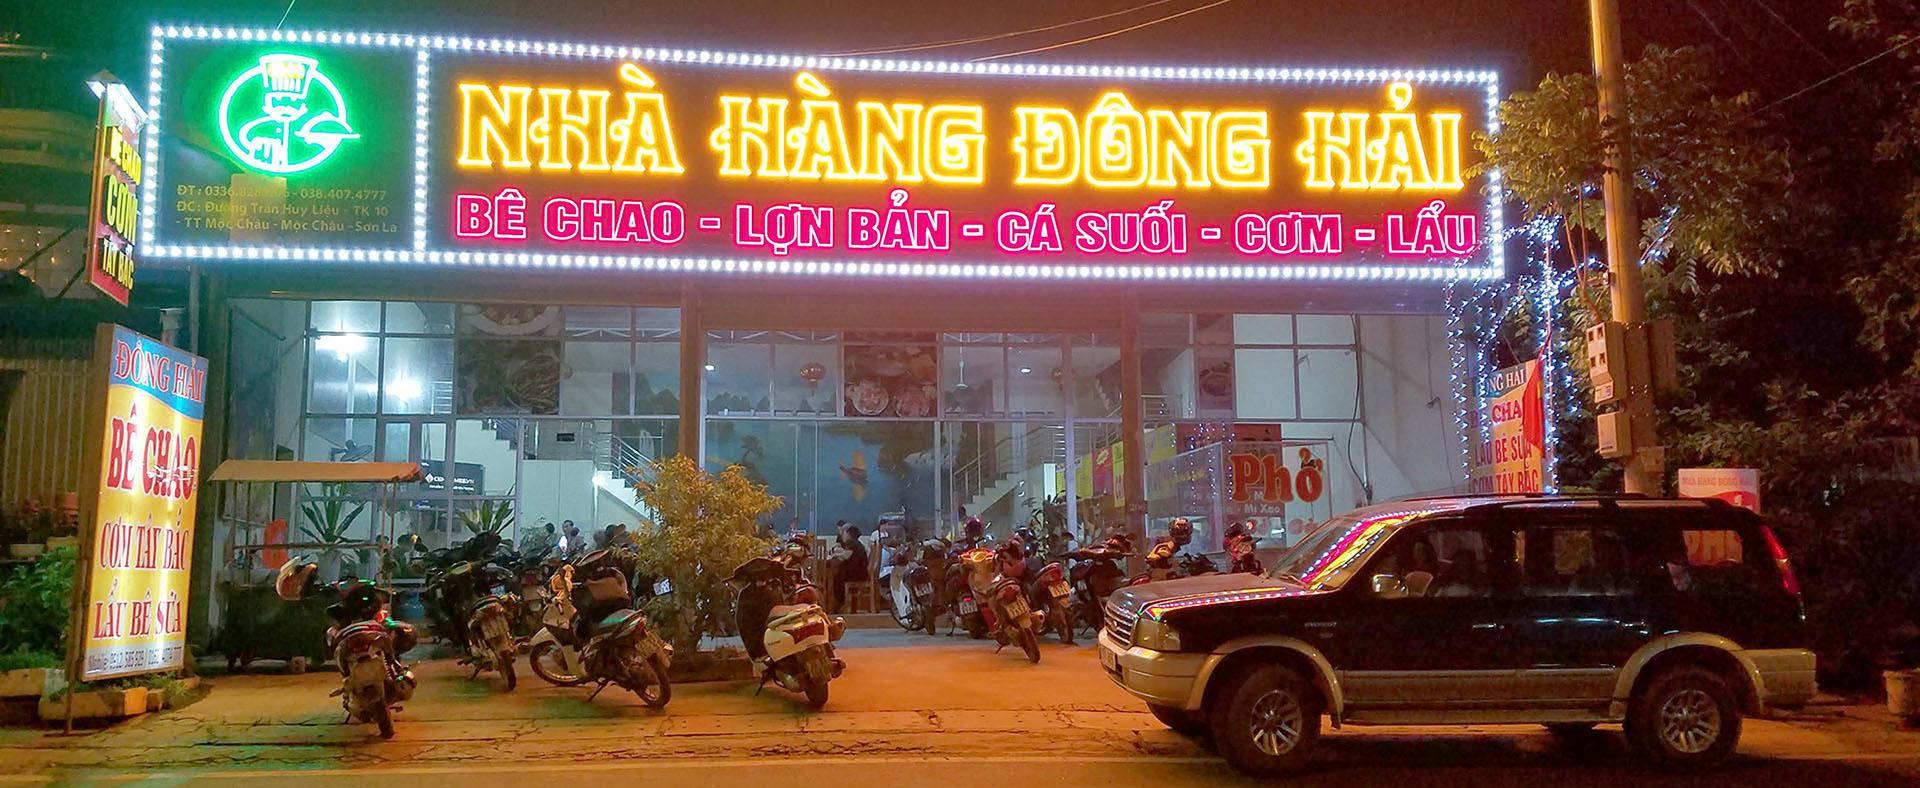 Nhà hàng Bê chao nổi tiếng Mộc Châu- Ảnh: Nhà hàng Đông Hải